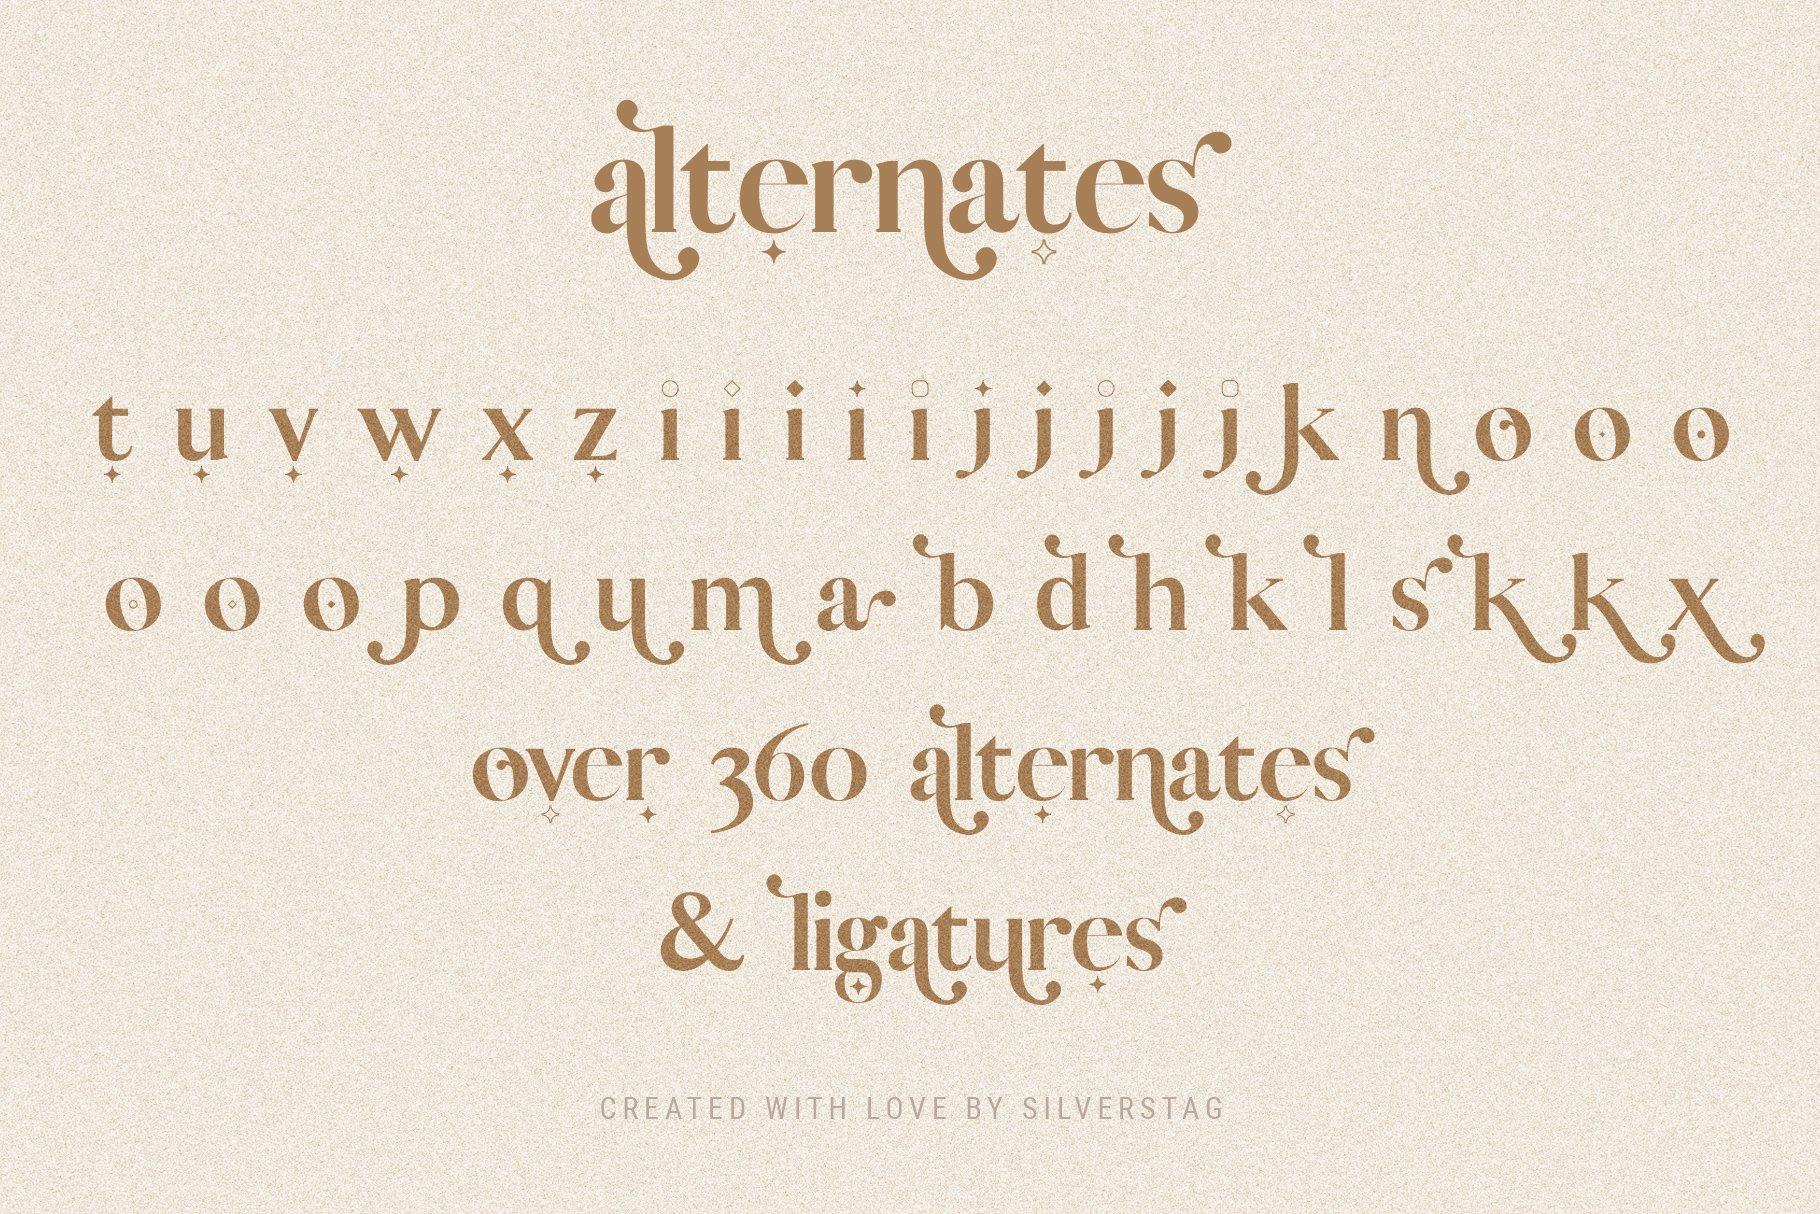 Vicky Christina - Chic & Stylish Ligature Serif Font example image 4